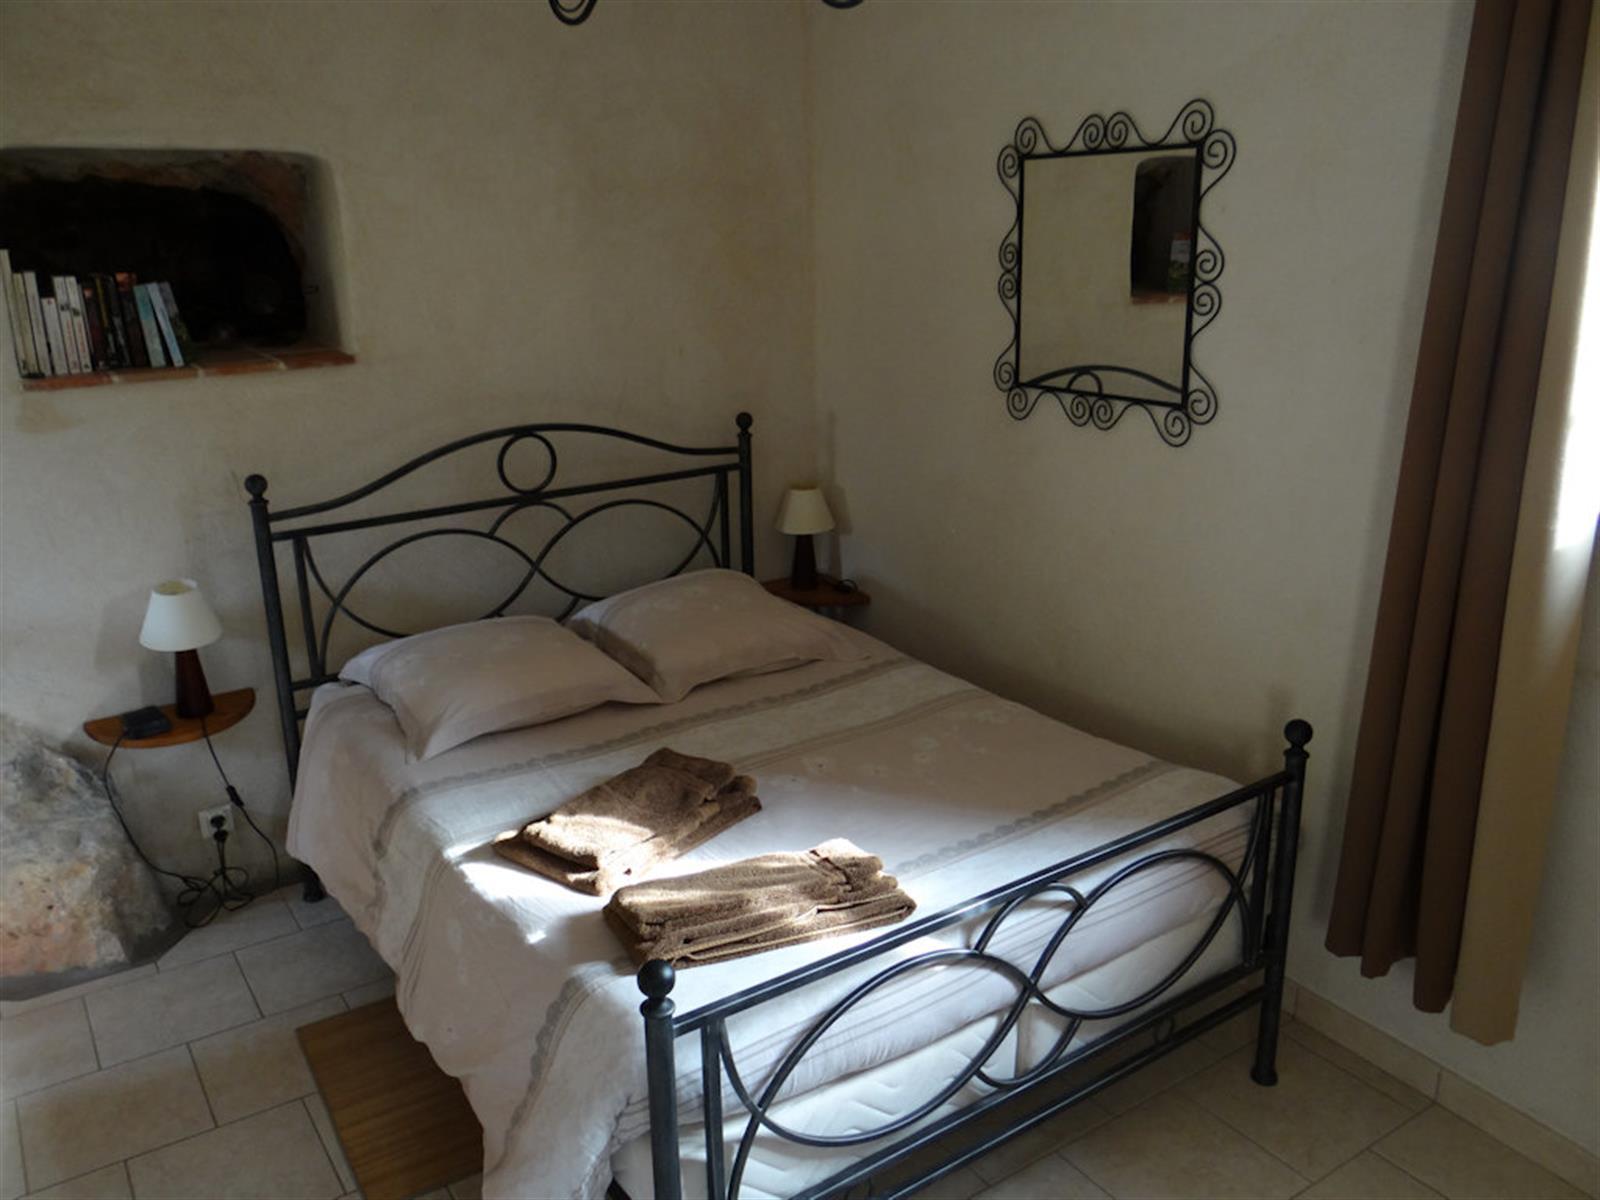 Maison de vacances - St-Cezaire-sur-Siagne (Grotte) - #4281618-5